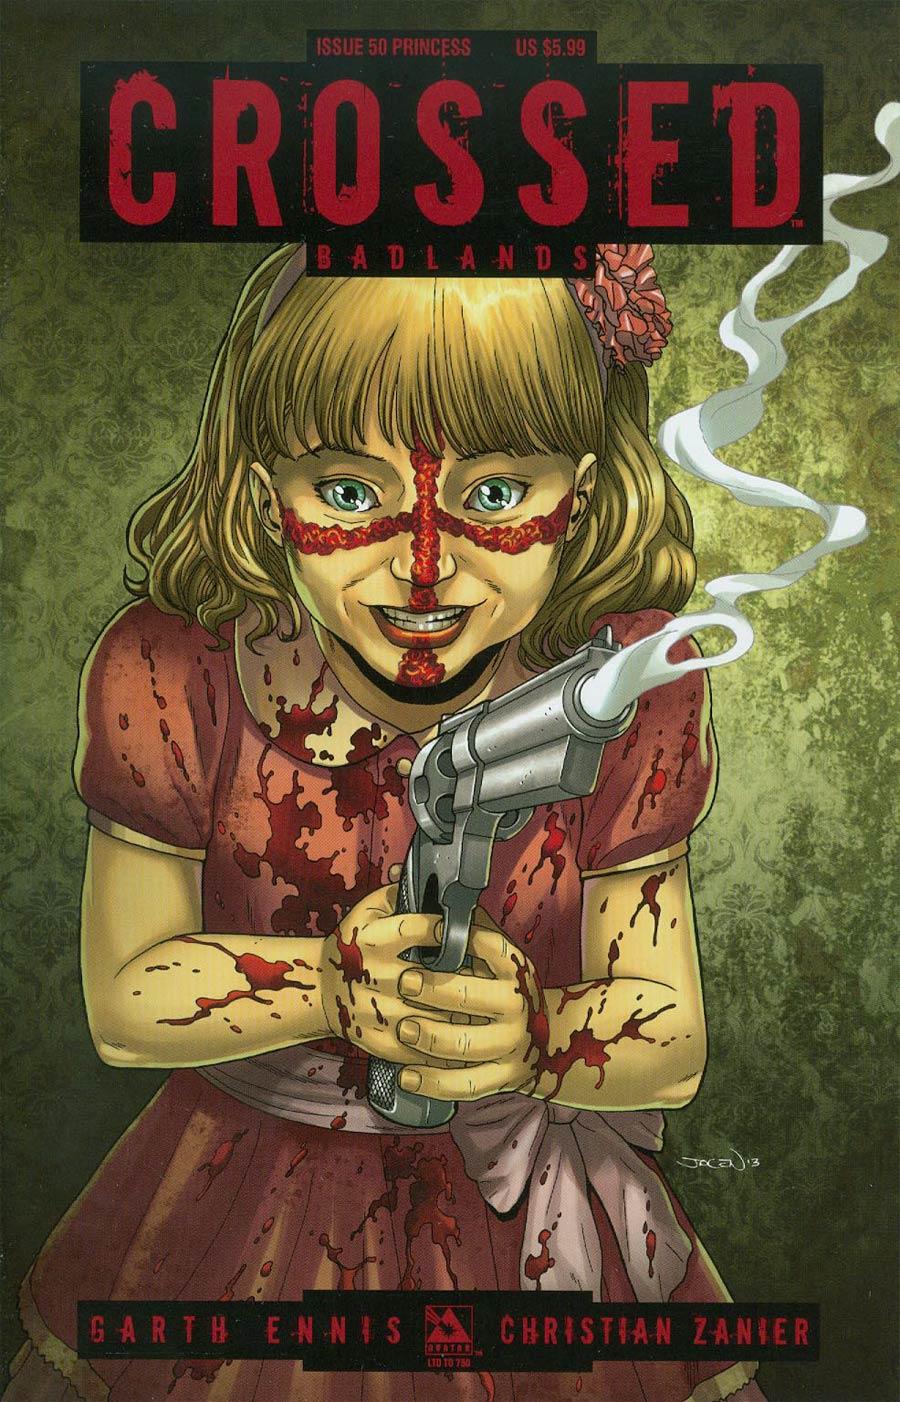 Crossed Badlands #50 Cover O Princess Cover